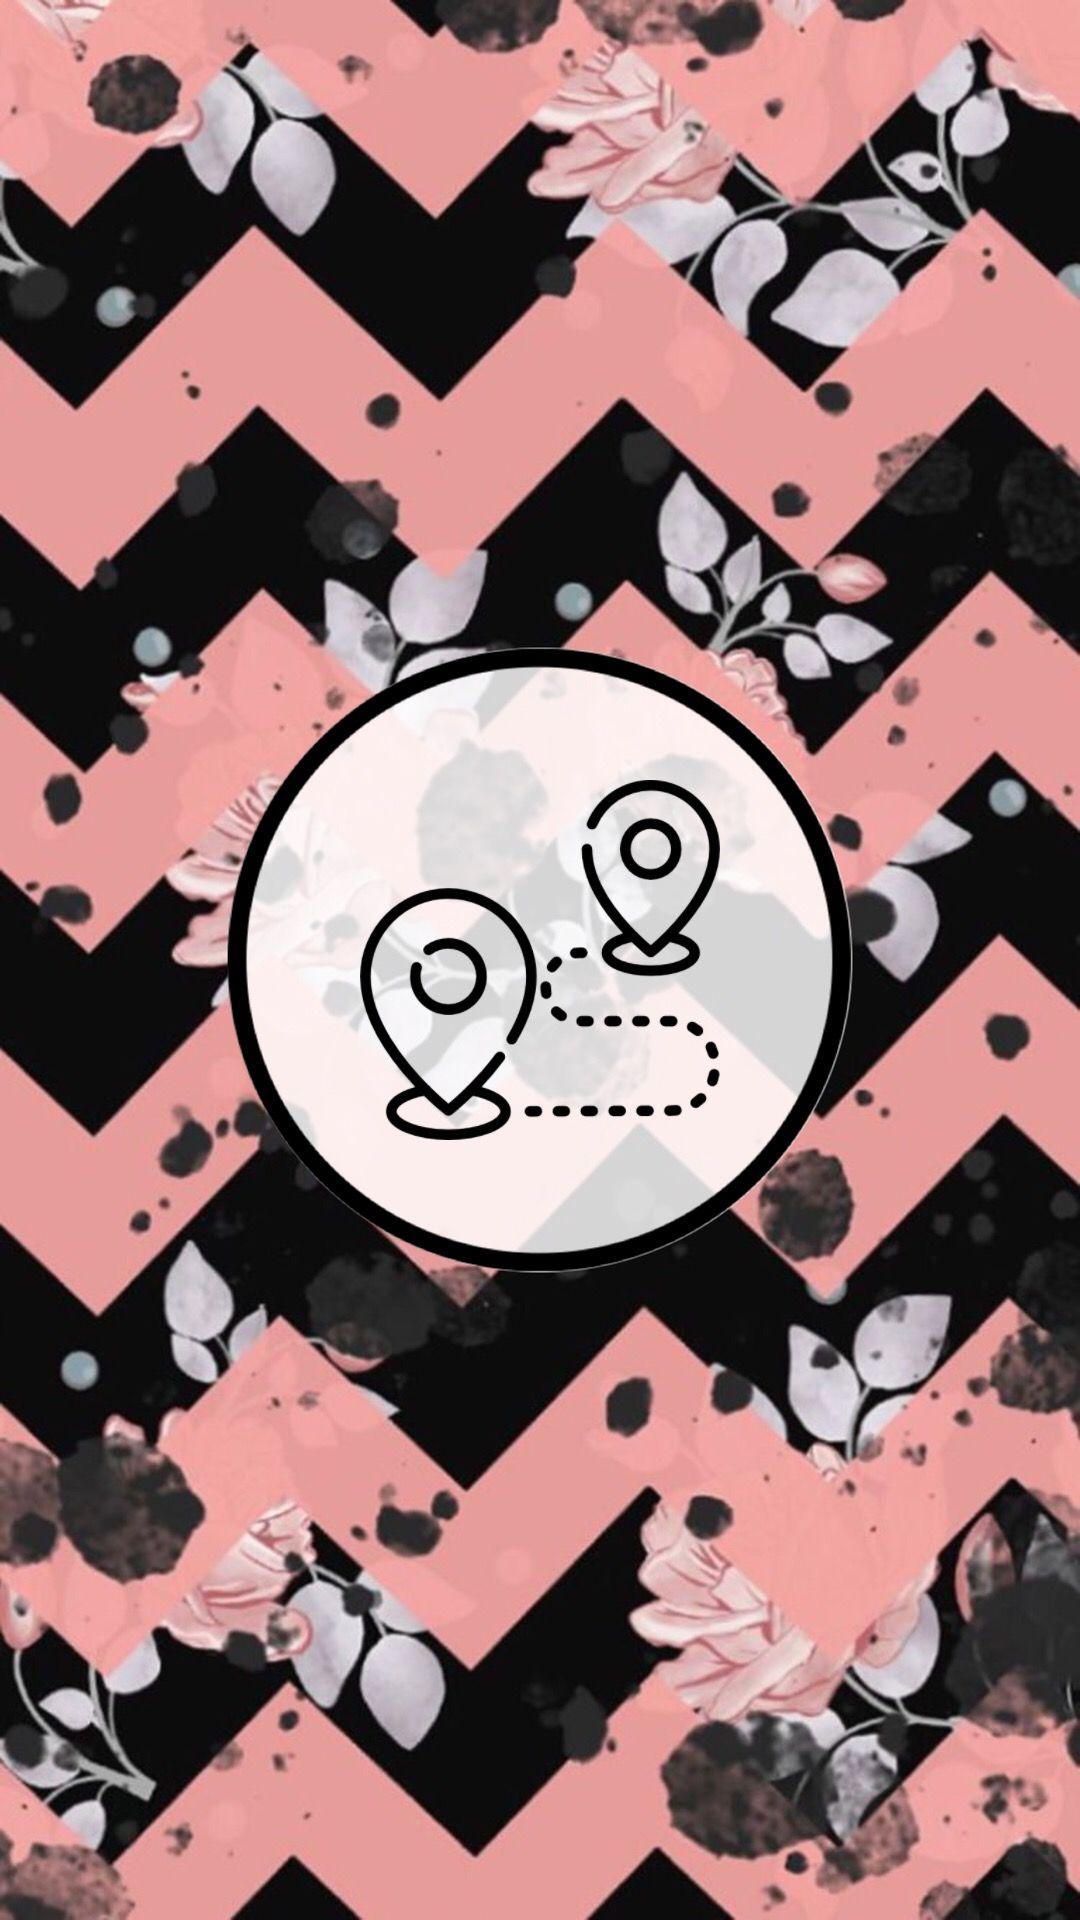 Pin De Kezia Farias Em Destaques Para Instagram Ideias